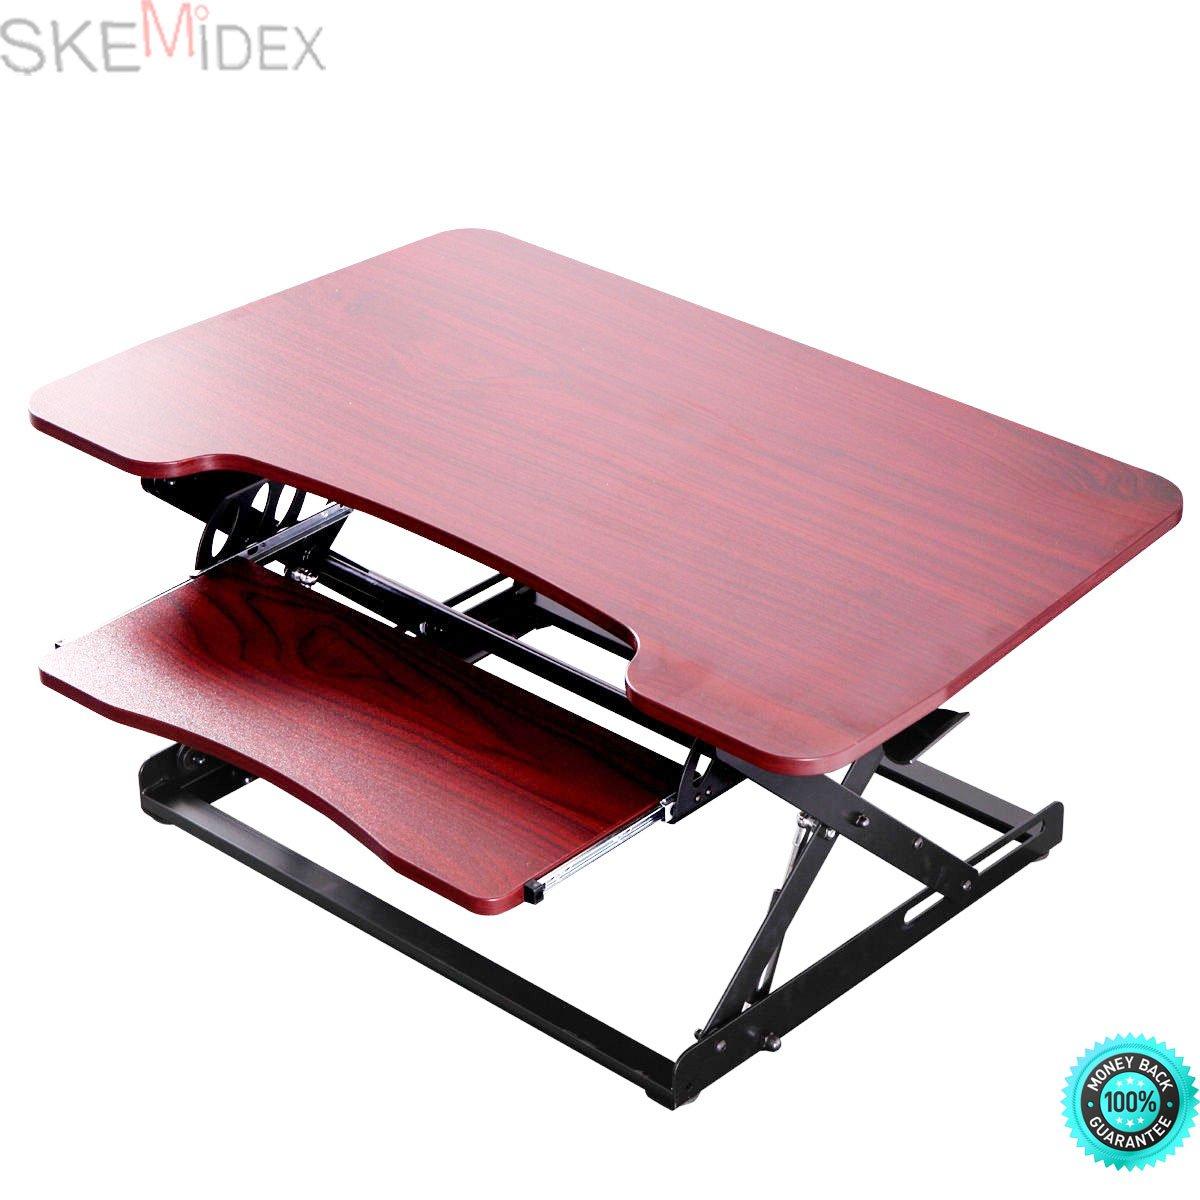 SKEMiDEX---Brown Desktop Tabletop Standing Desk Adjustable Height Sit to Stand Workstation